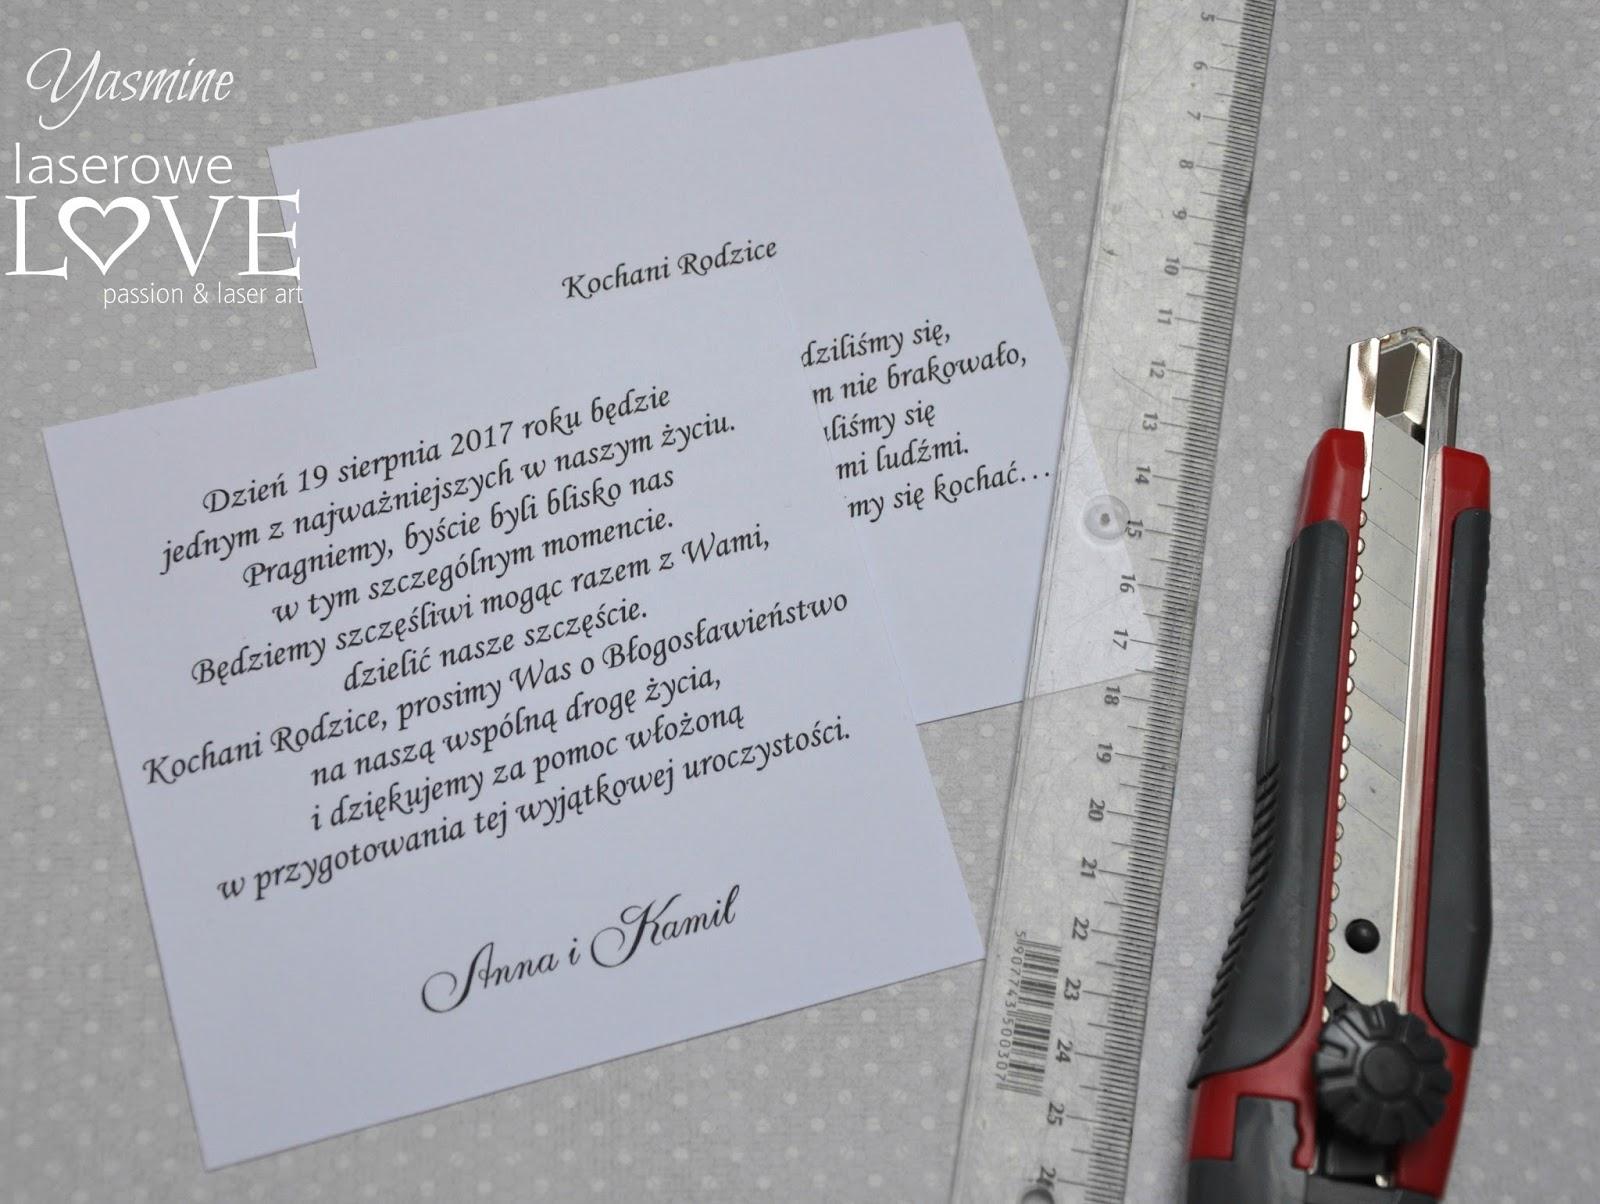 Laserowe Love ślubne Diy Wyjątkowe Zaproszenie Na ślub Dla Rodziców